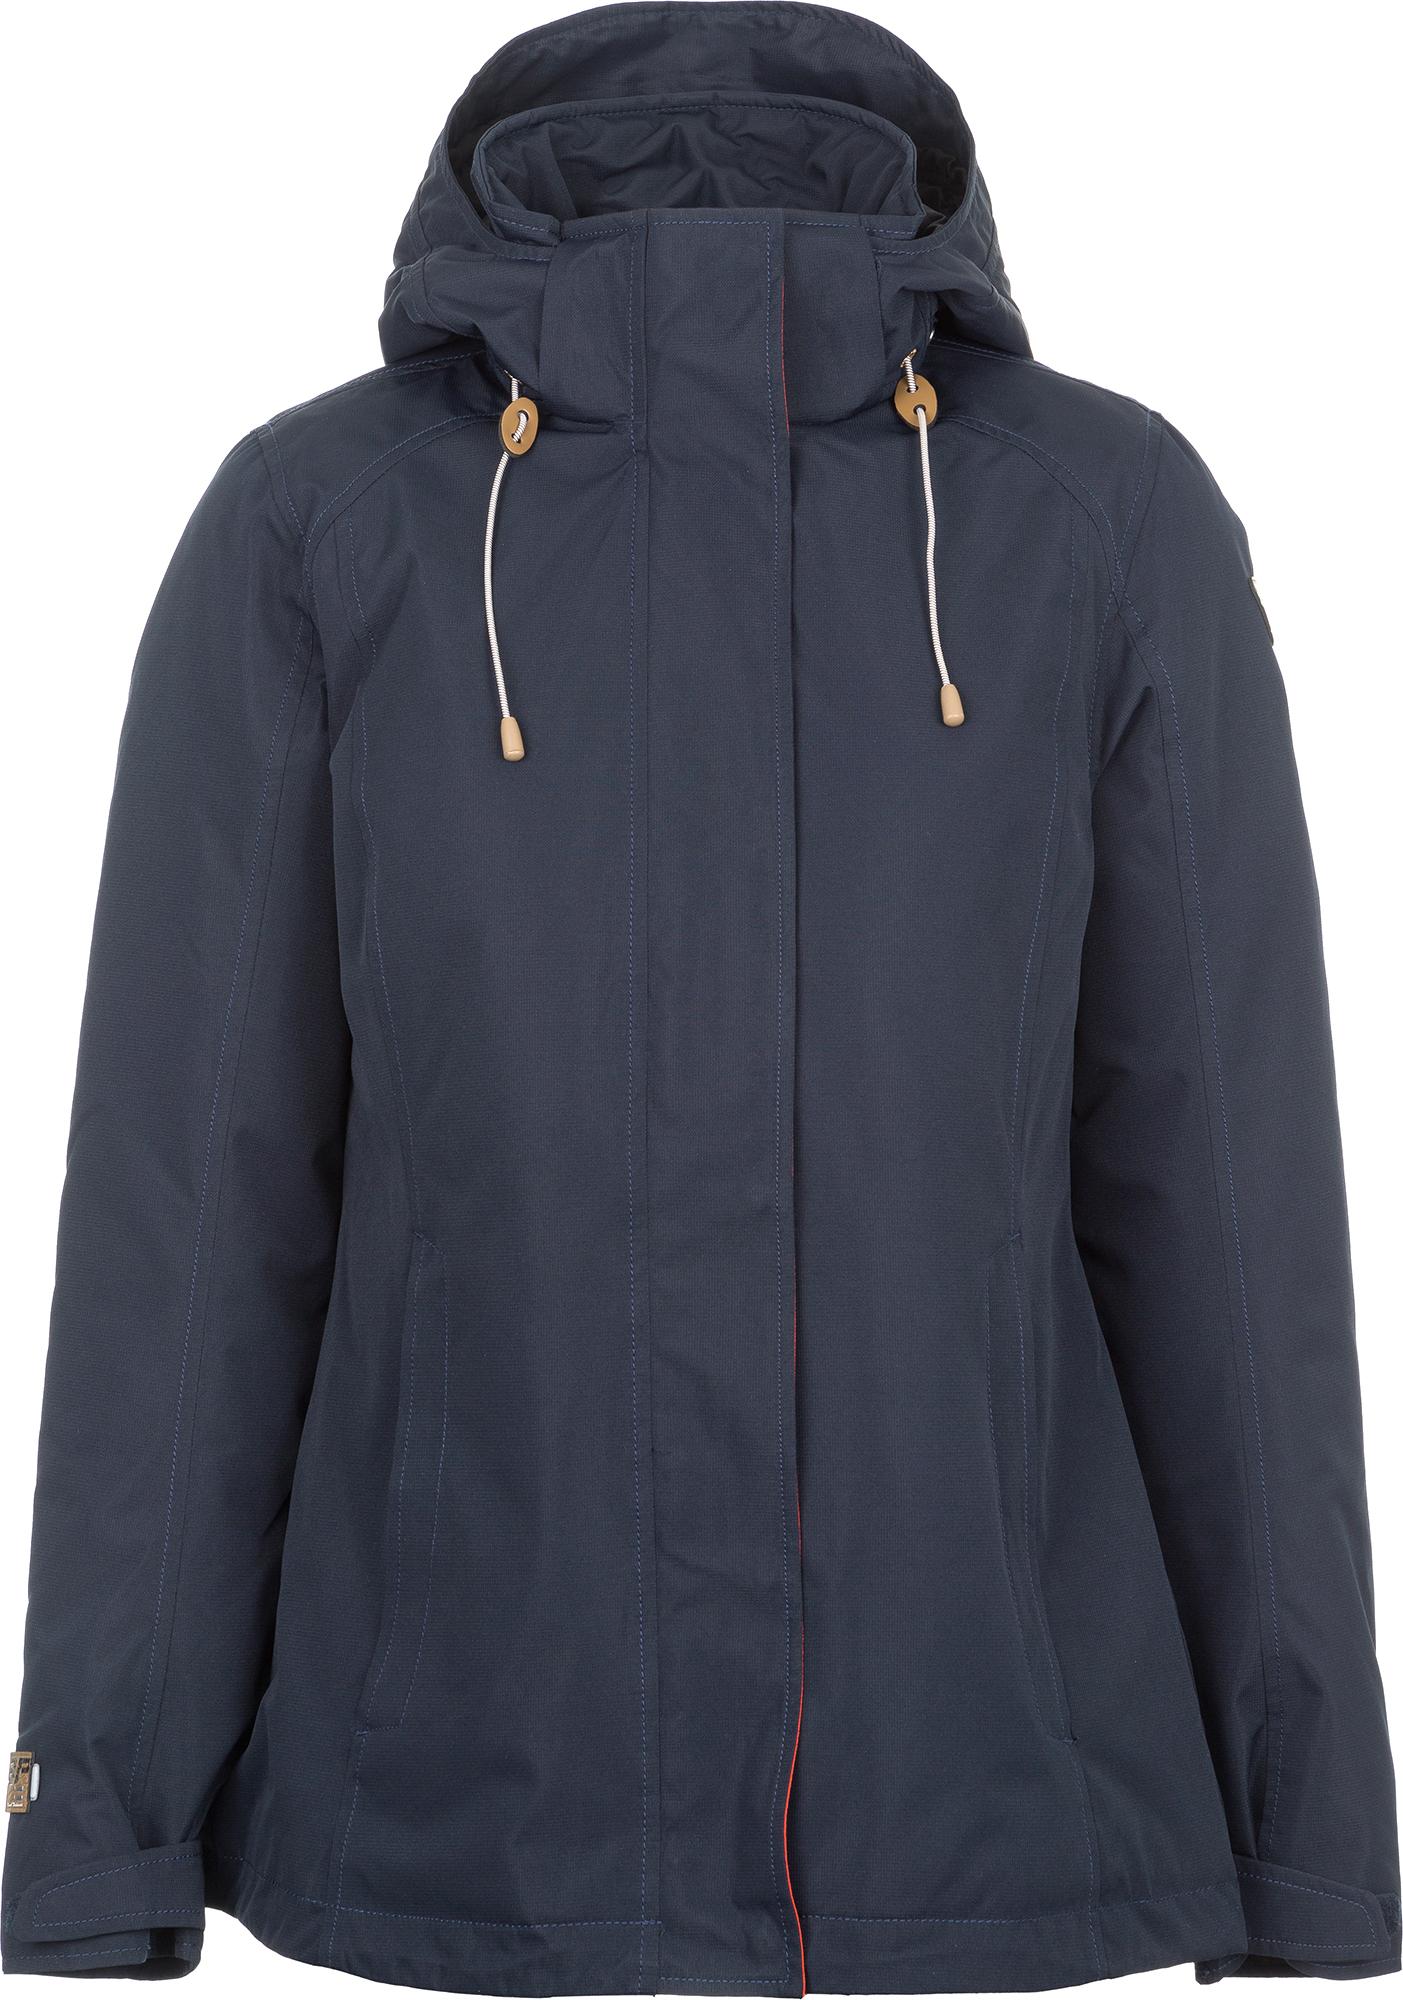 IcePeak Куртка утепленная женская IcePeak Veela